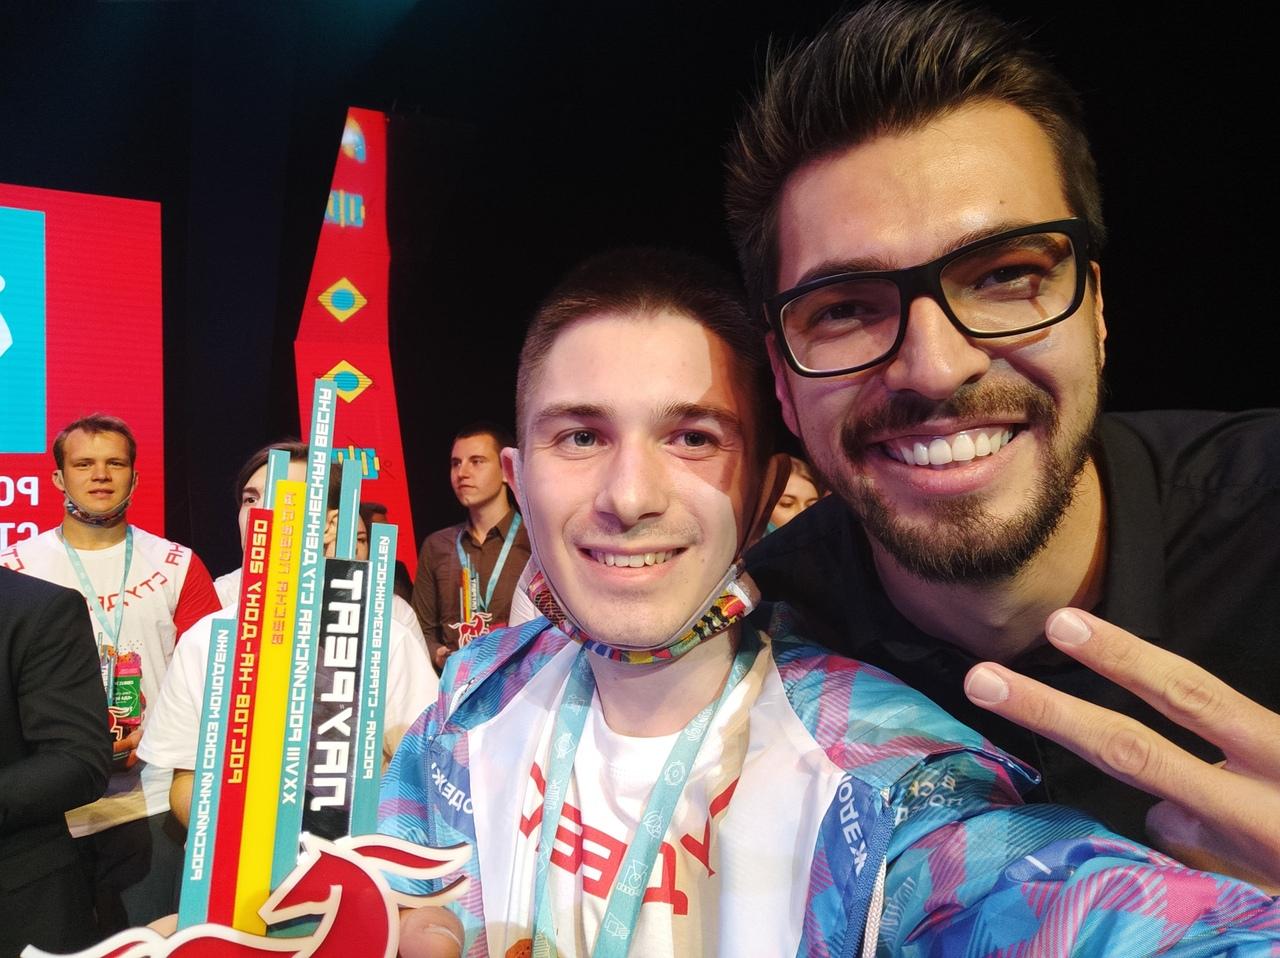 Победители проекта «Студвесна ONLINE» стали призерами фестиваля «Российская студенческая весна»